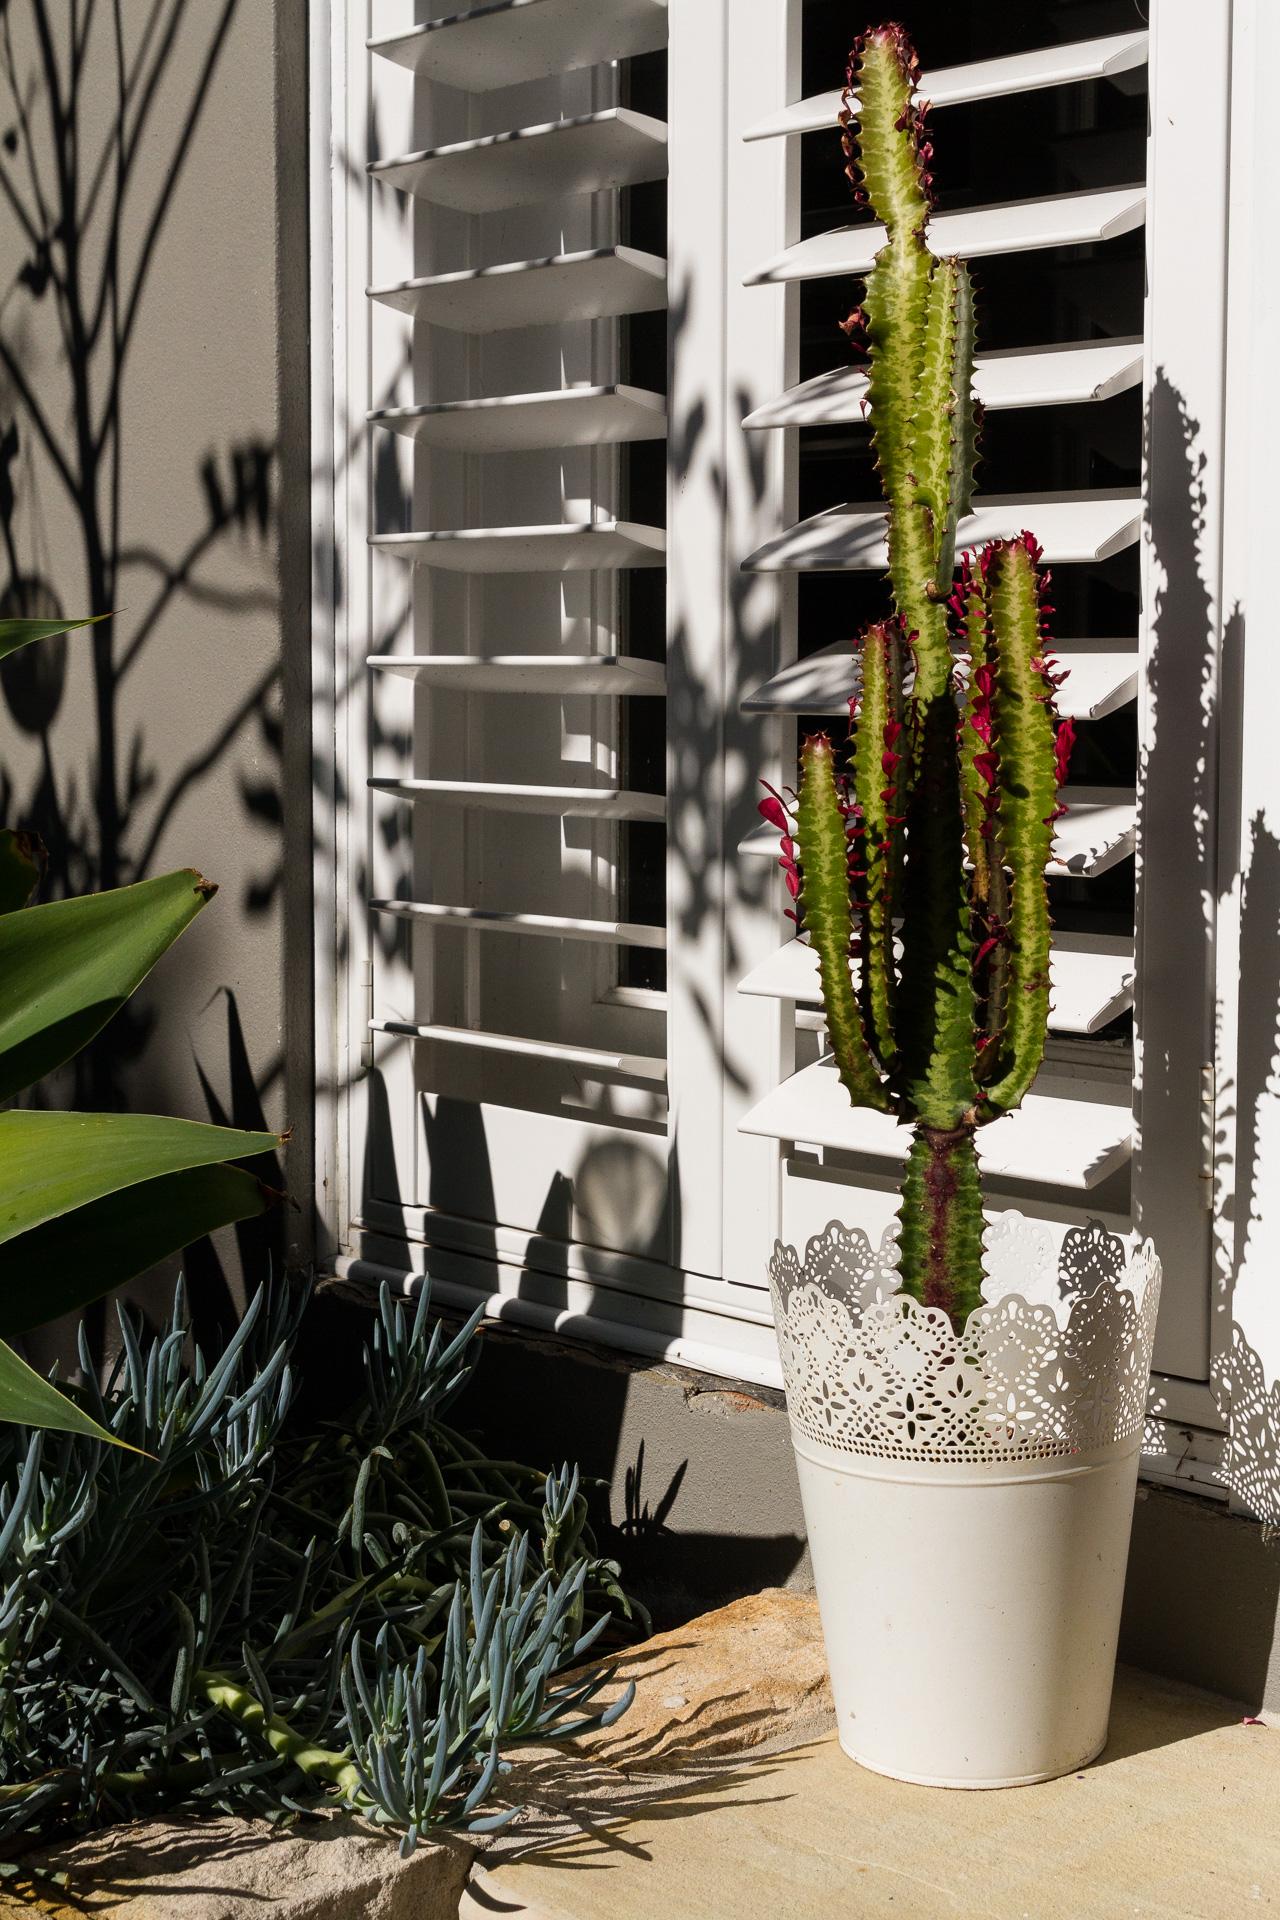 cronulla_residential_garden_design 13.jpg